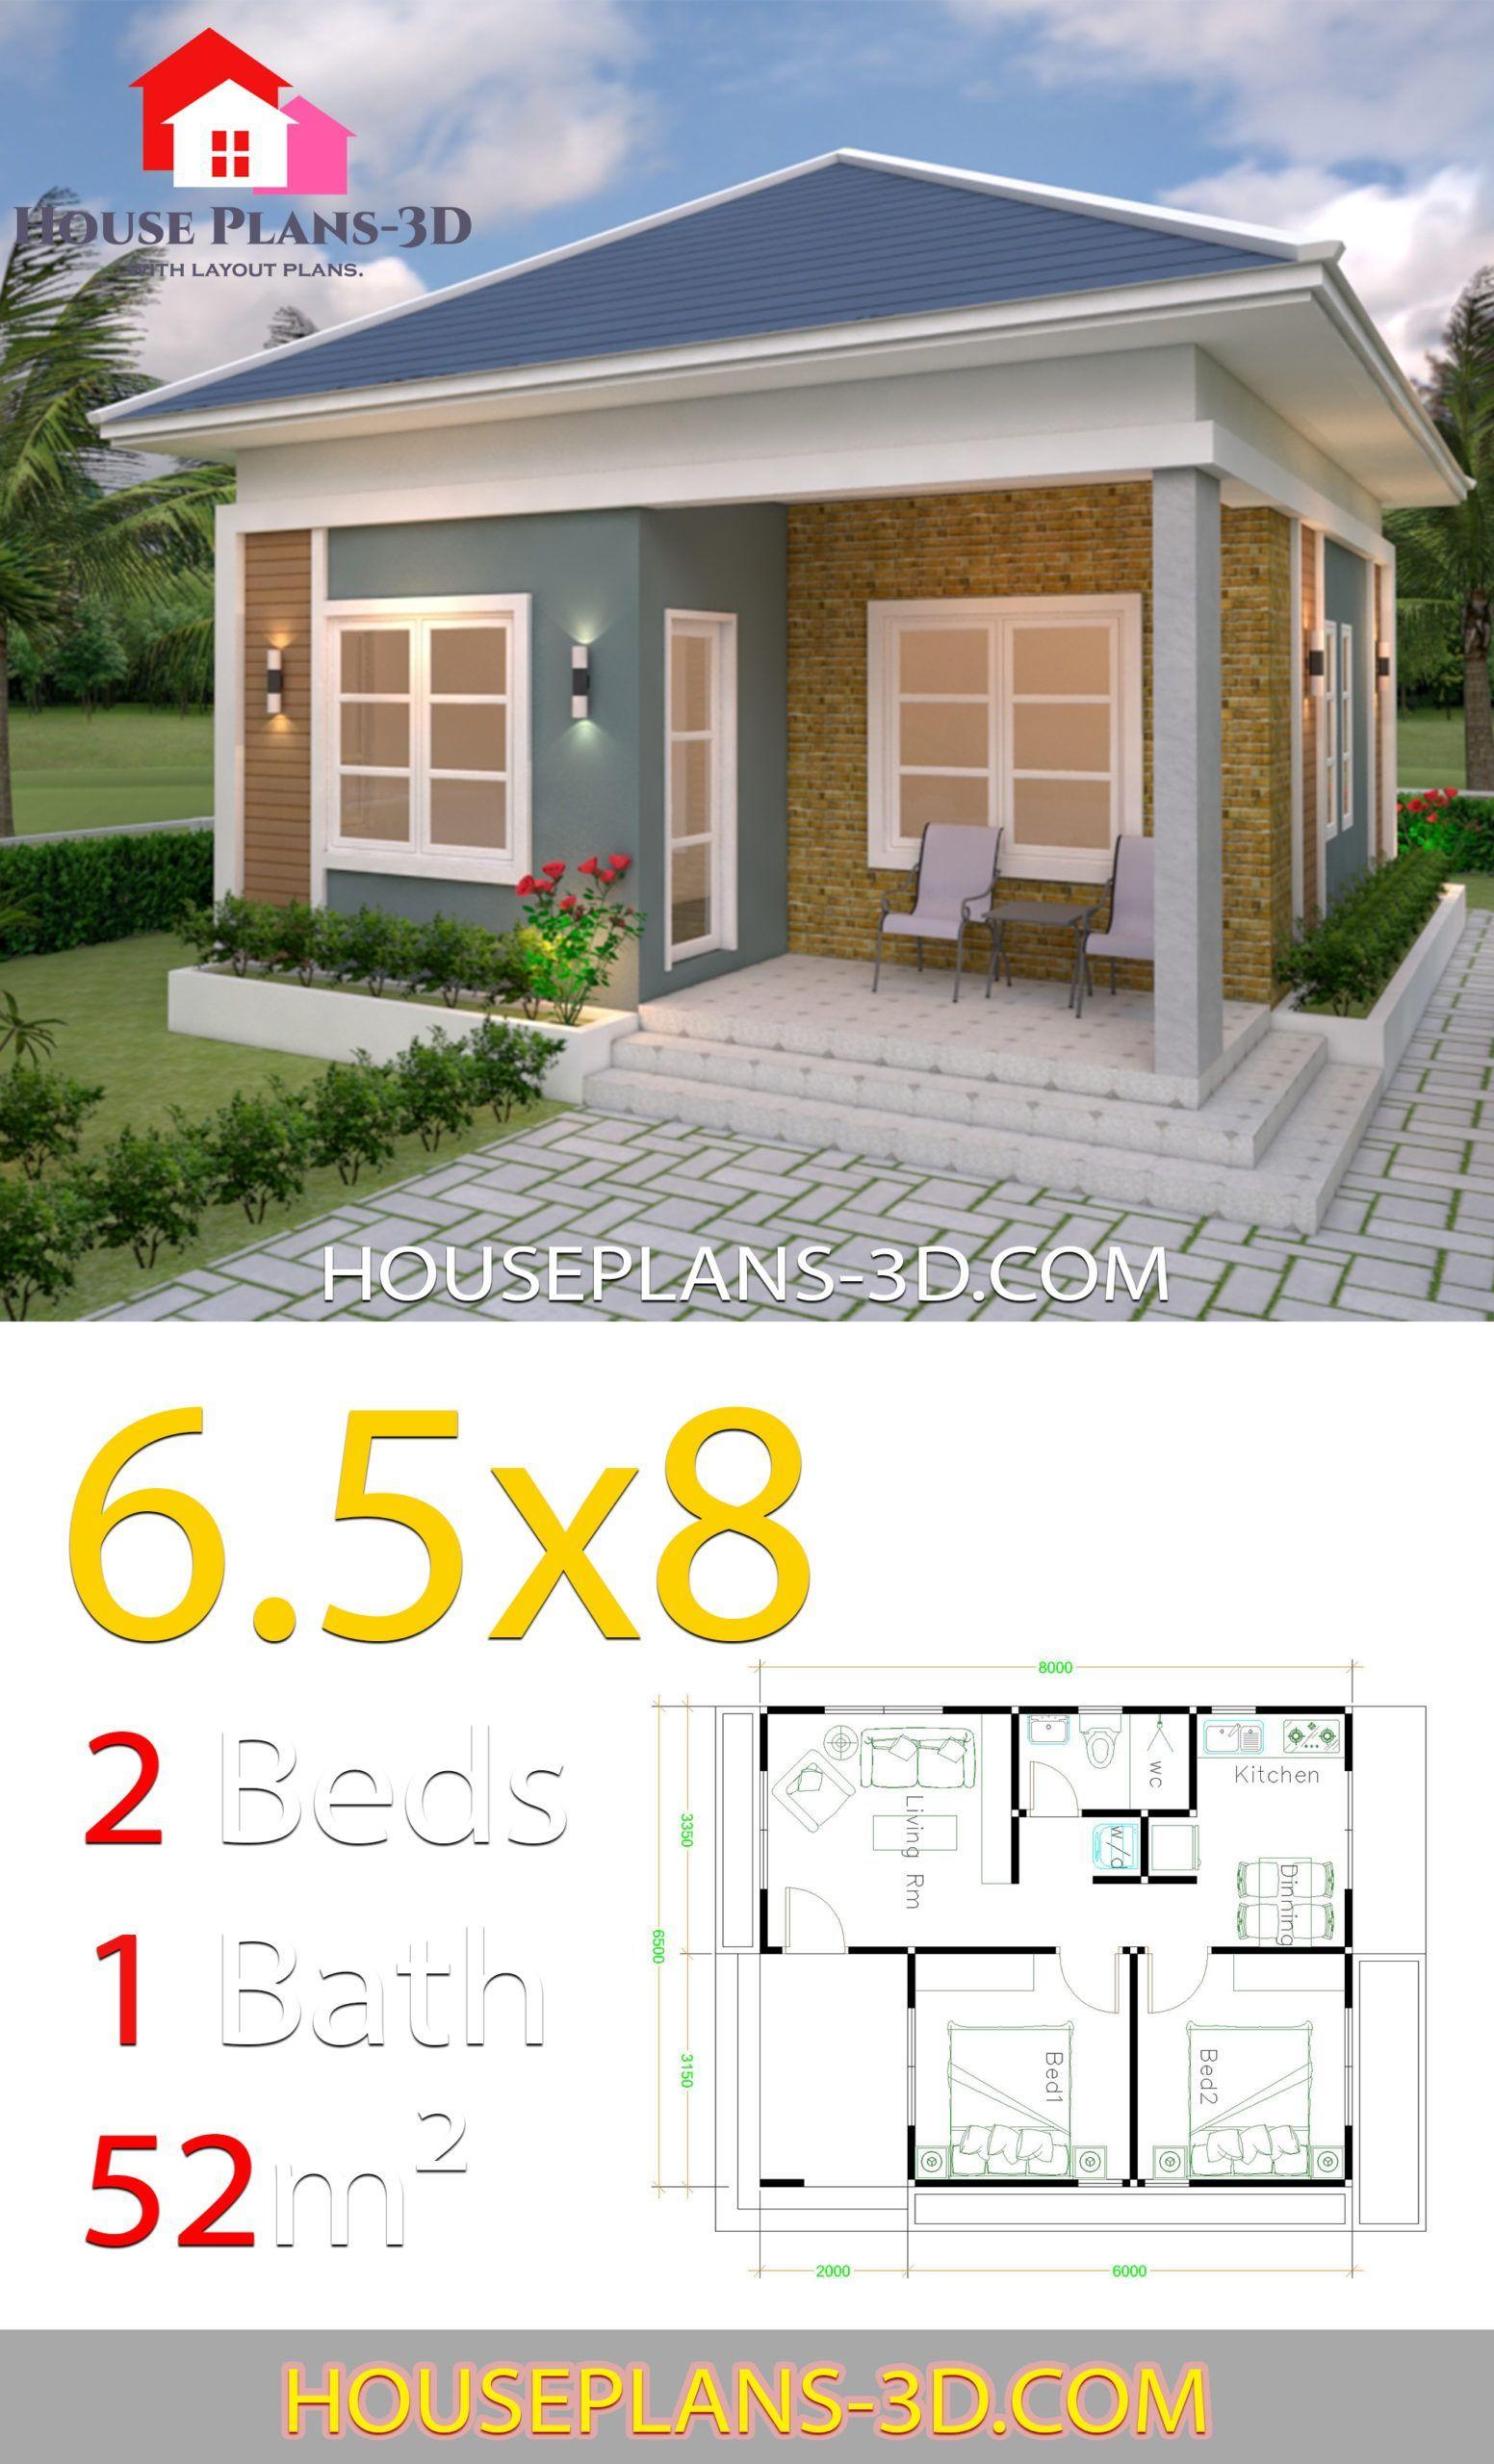 Pin By Dharan On Diy Home Decor Garden Diy House Plans Home Design Plans House Plans